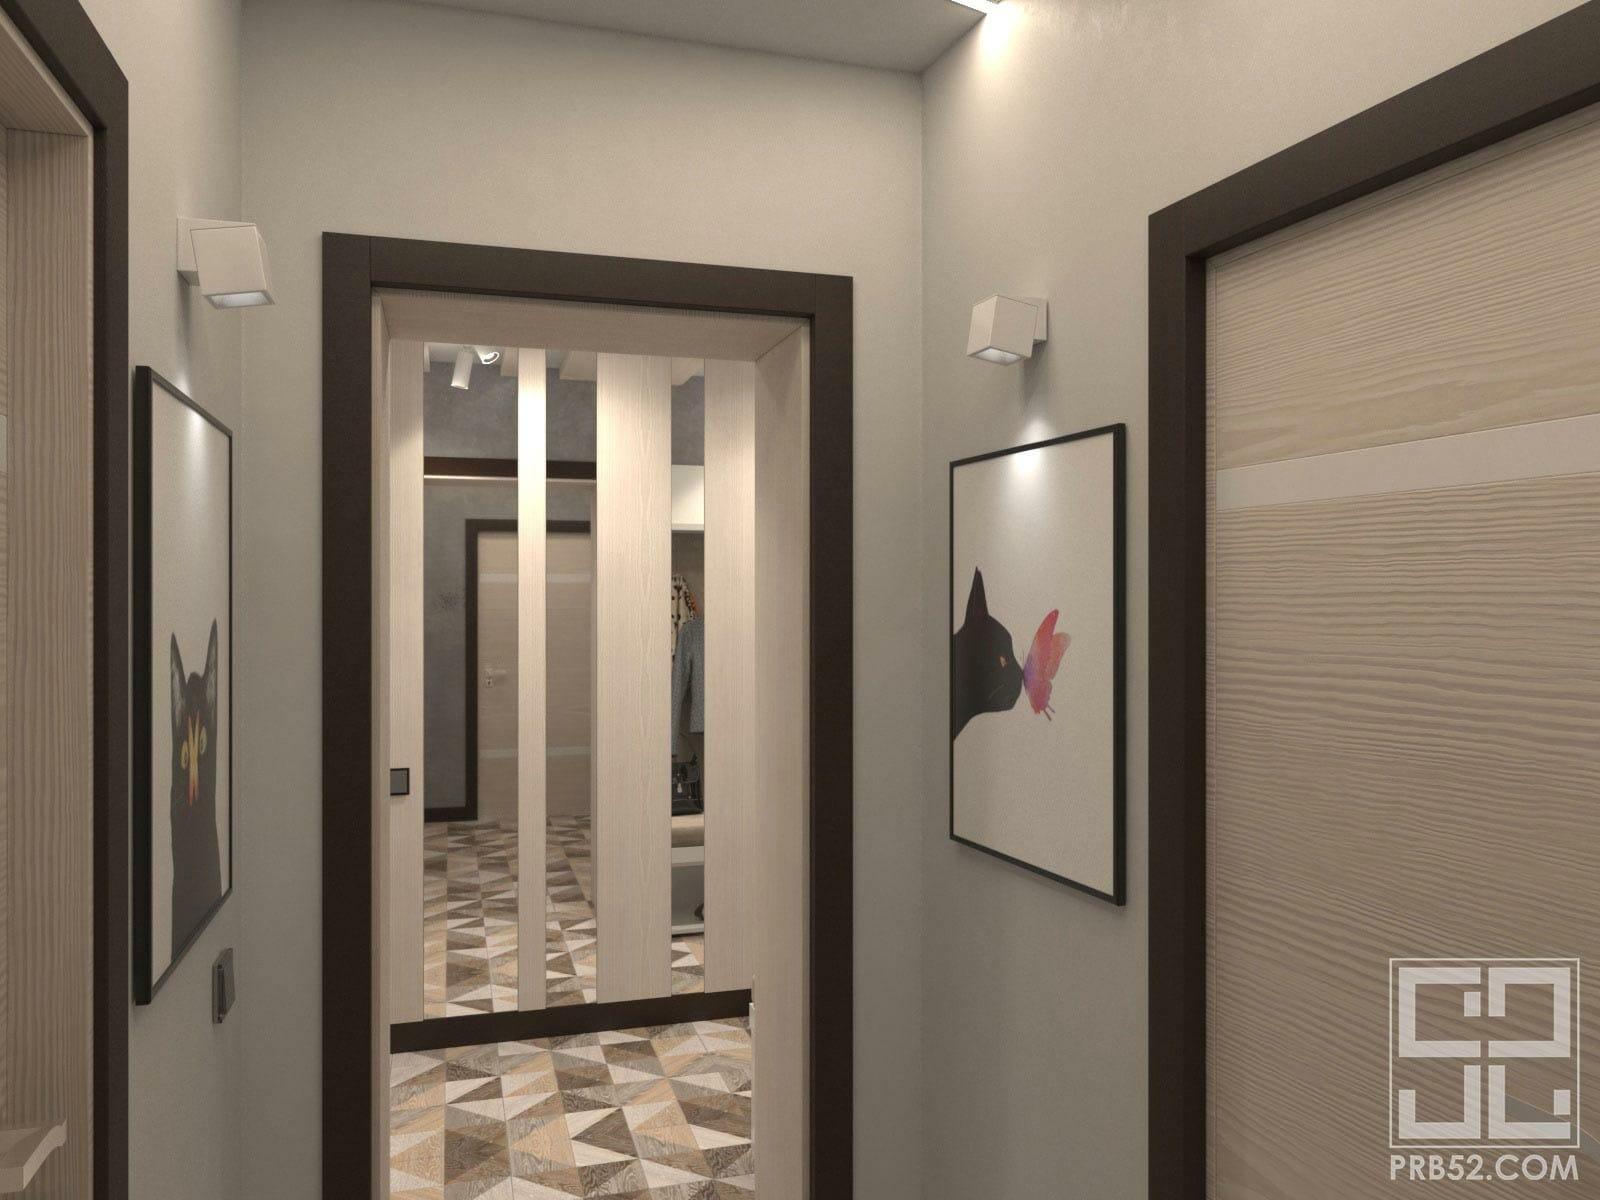 дизайн интерьера маленького холла